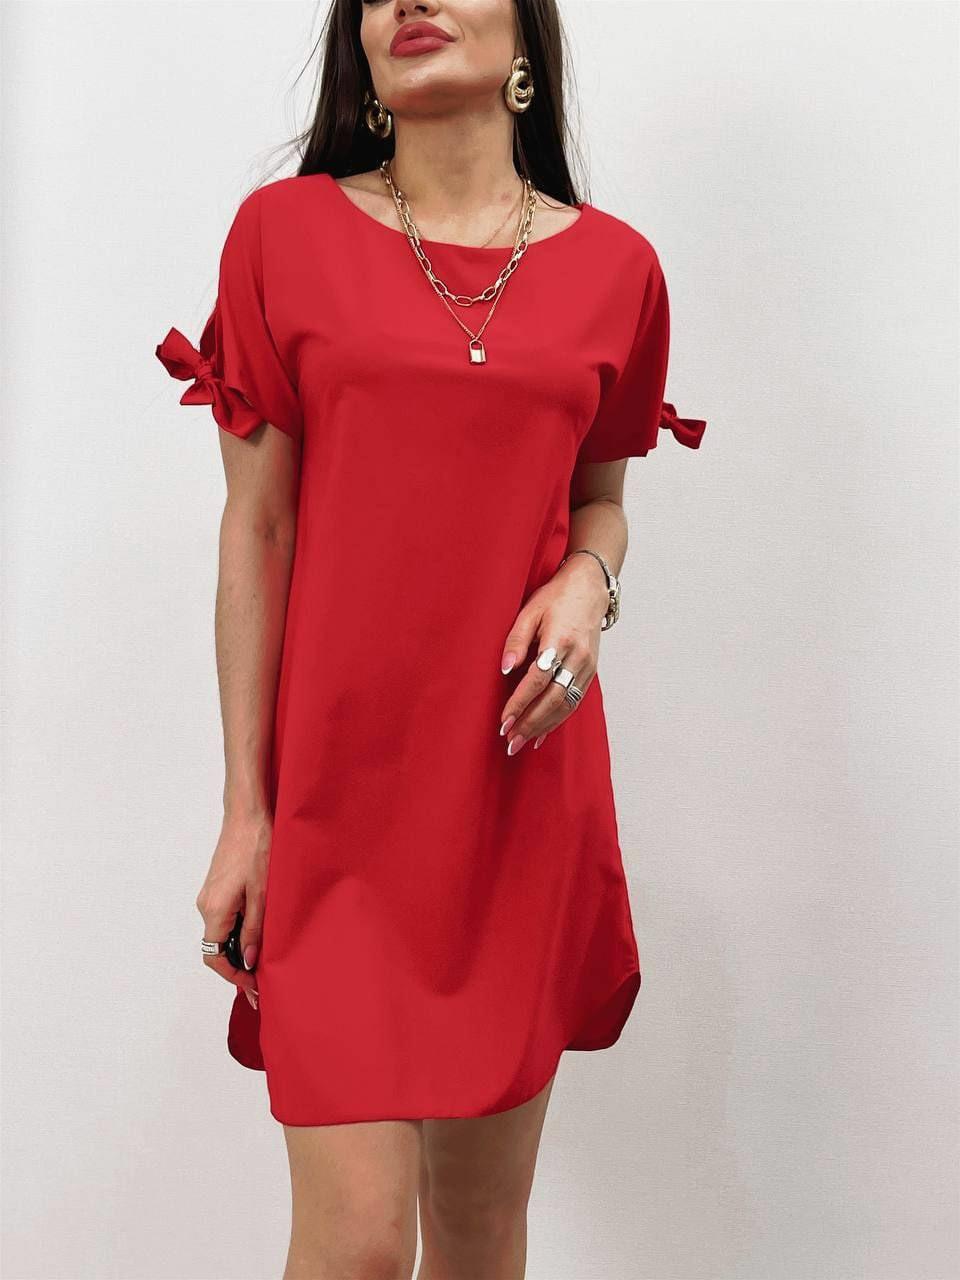 Практичне жіноче плаття з коротким рукавом на зав'язках